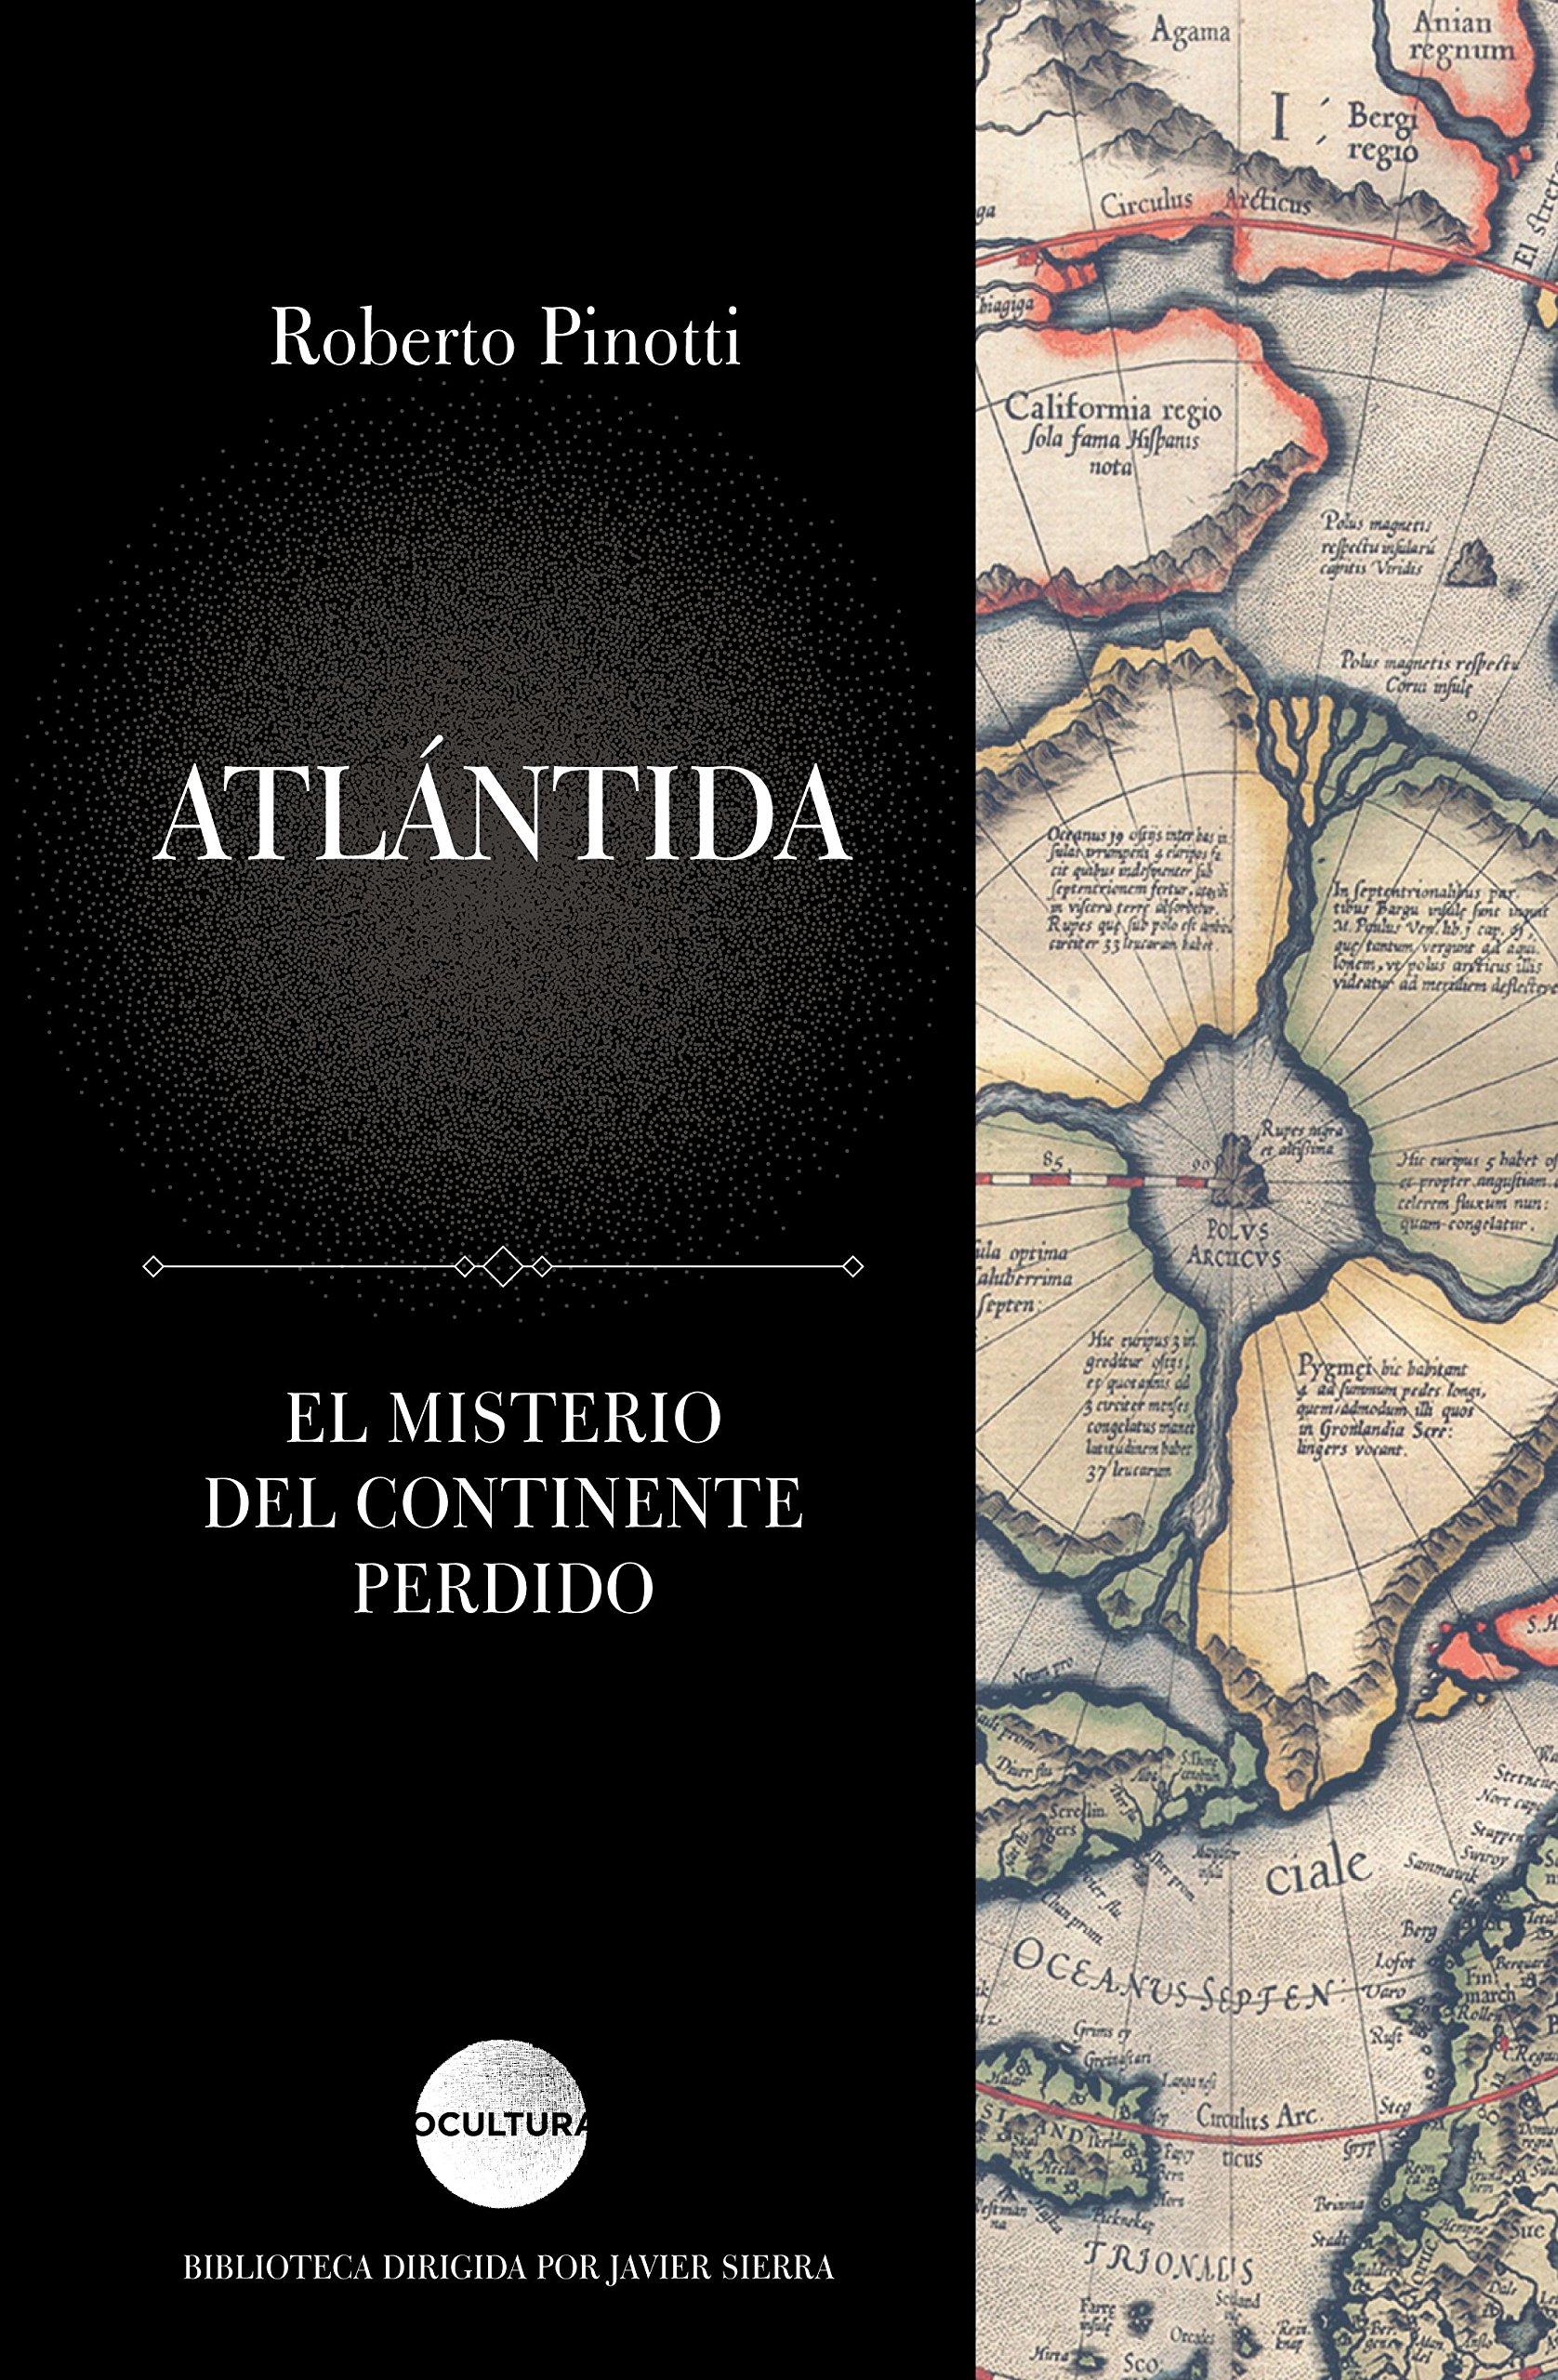 Atlántida - Roberto Pinotti